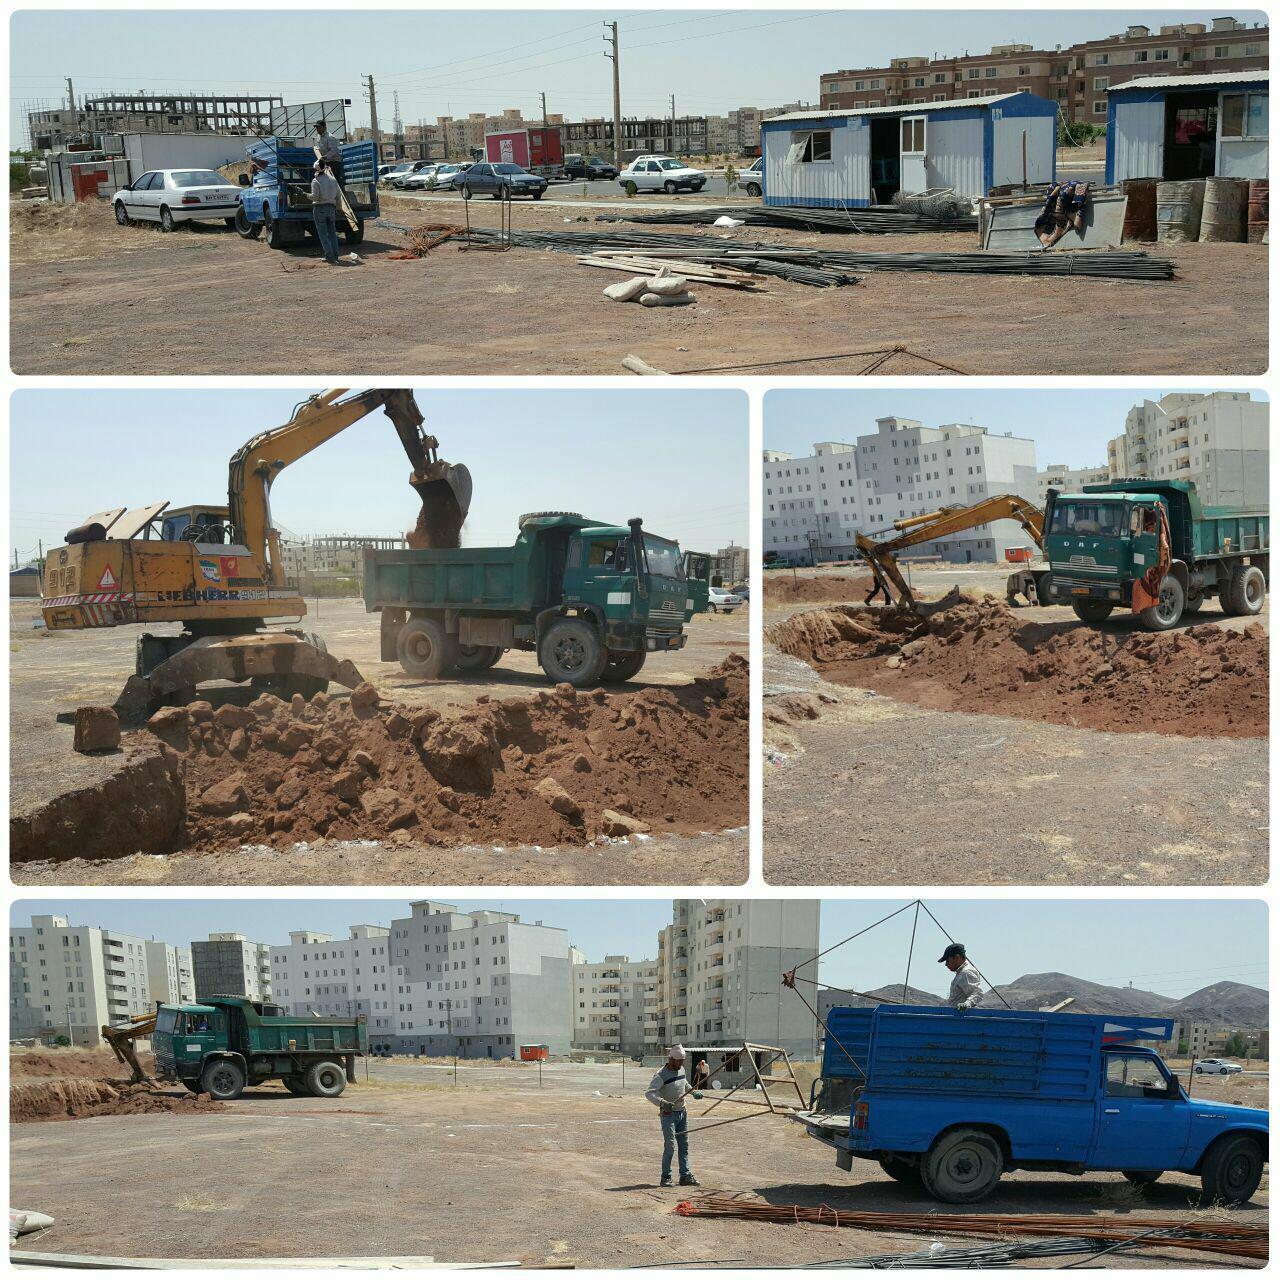 عملیات اجرایی احداث زورخانه در پرند آغاز شد / اهتمام جدی شهرداری پرند بر توسعه اماکن ورزشی